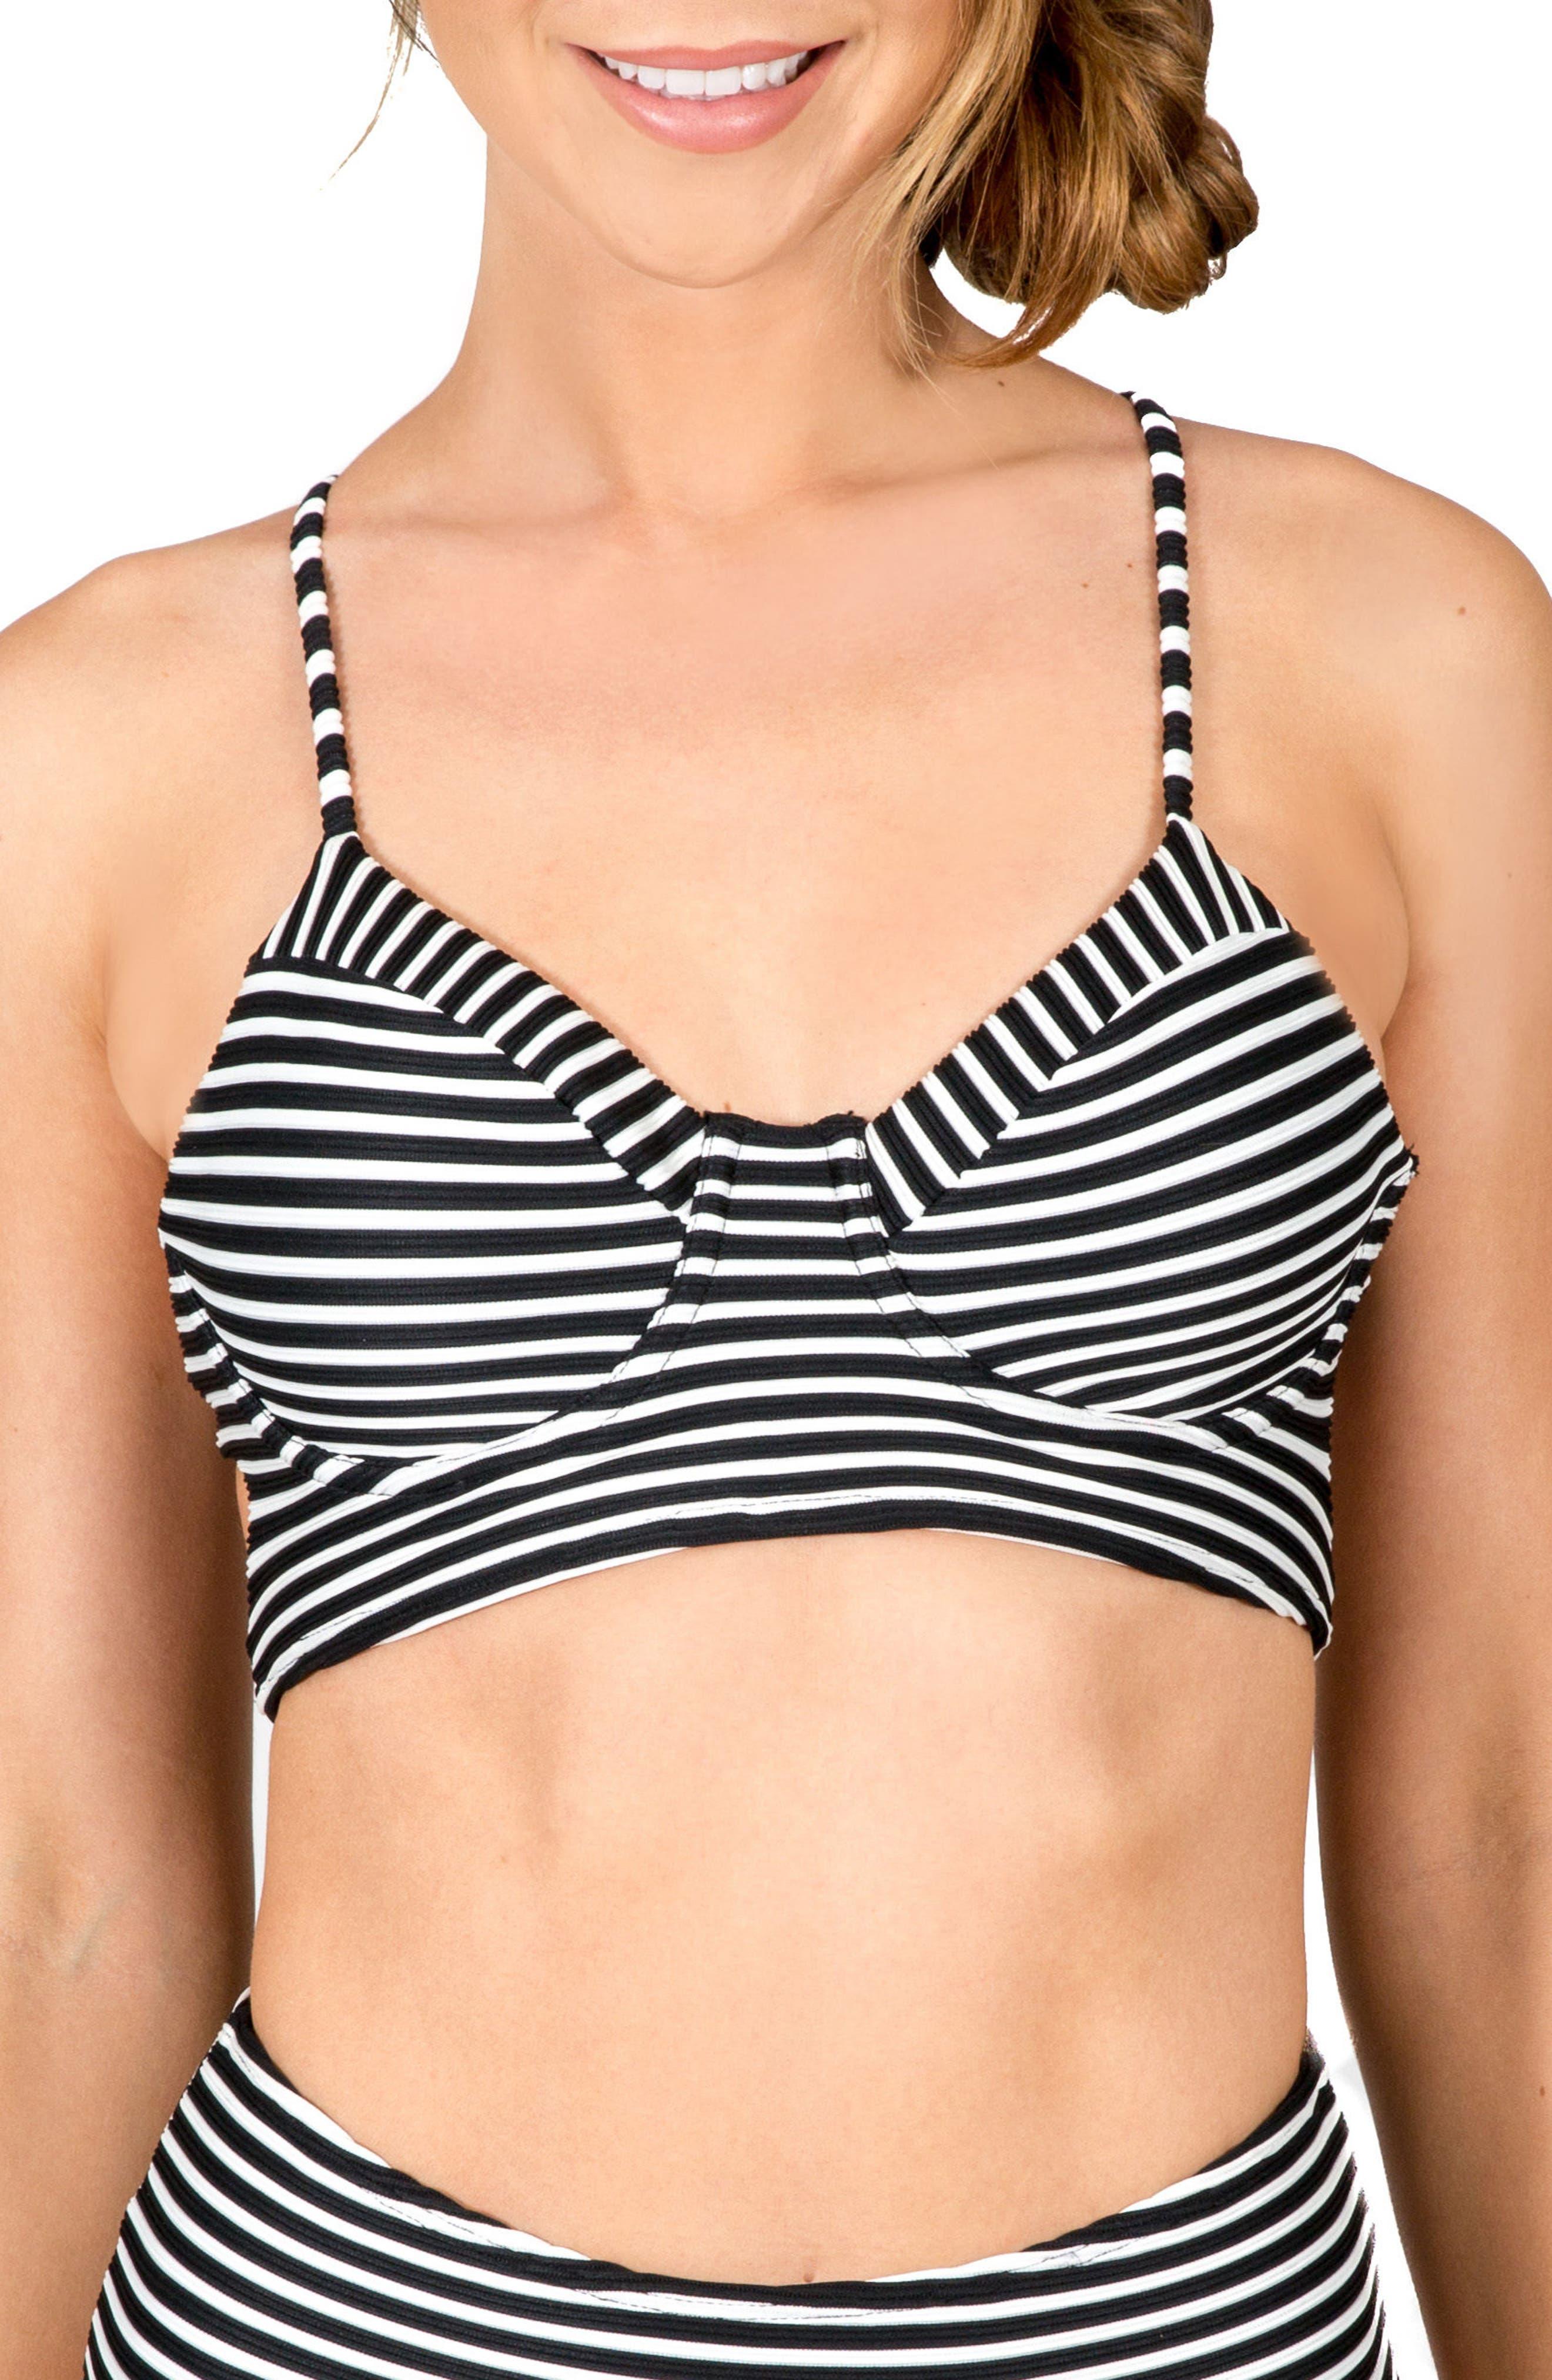 Elisa Lace-Up Underwire Bikini Top,                         Main,                         color, Black White Stripe